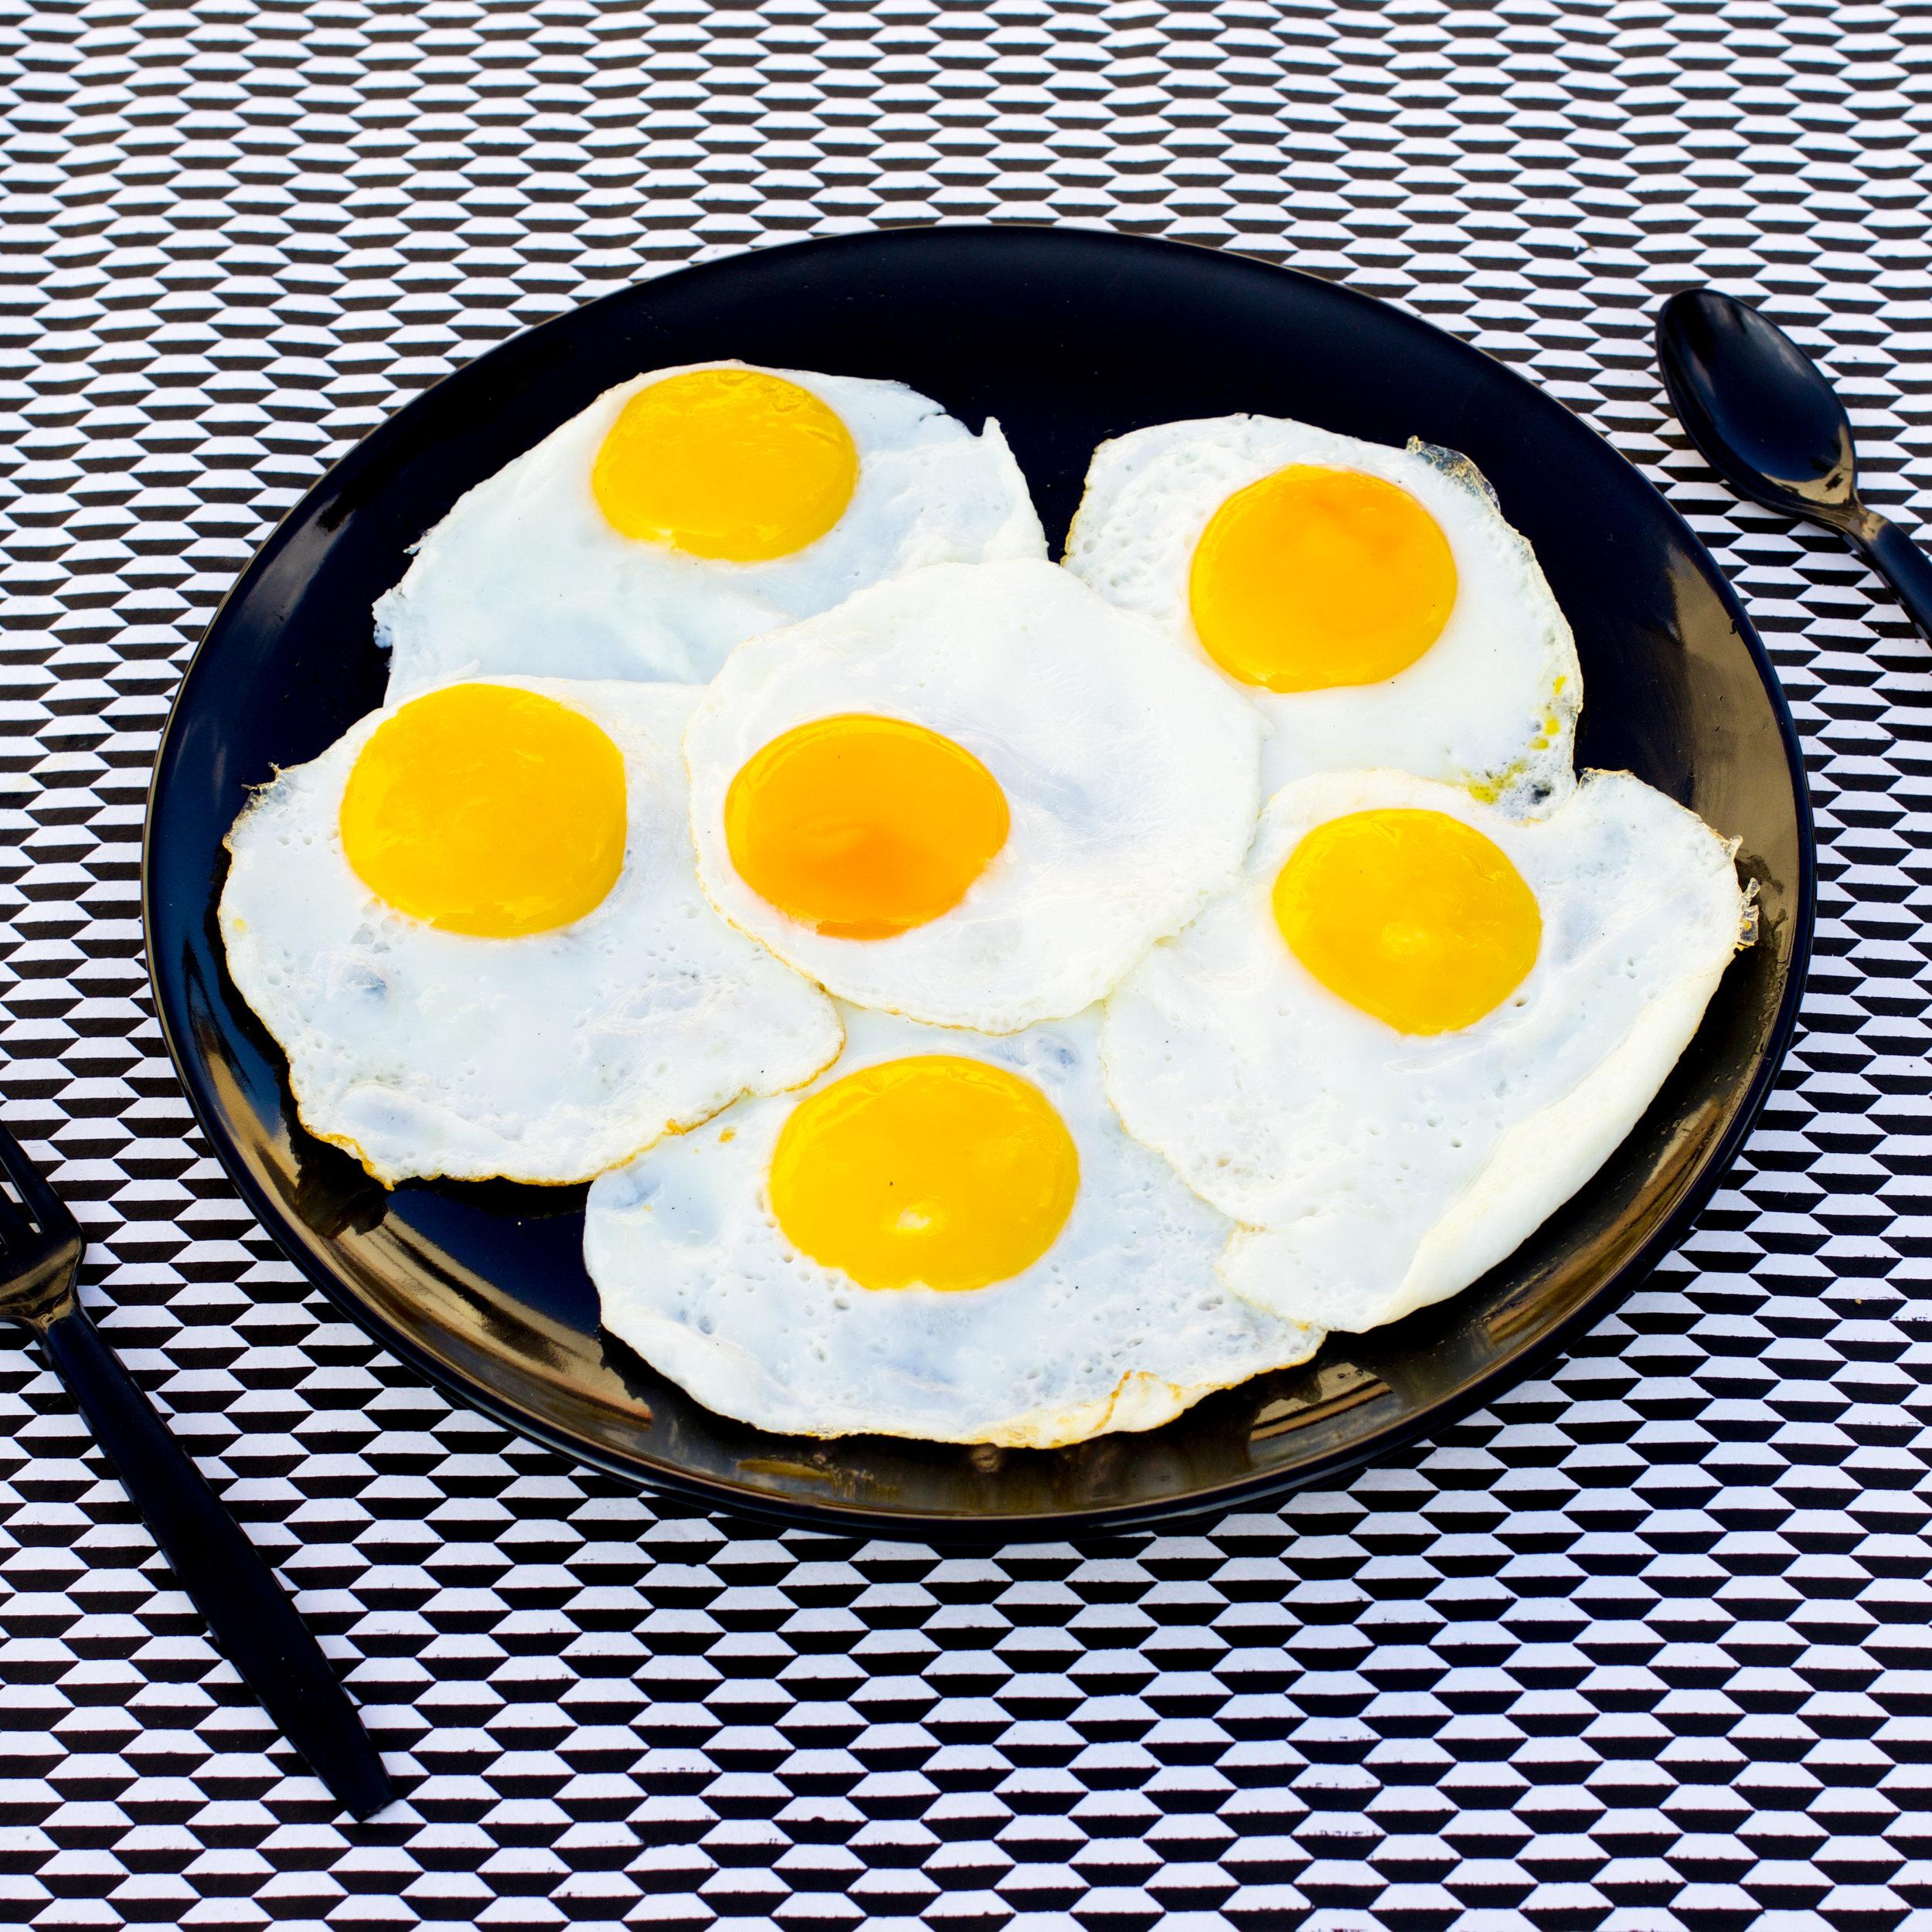 seven eggs.jpg